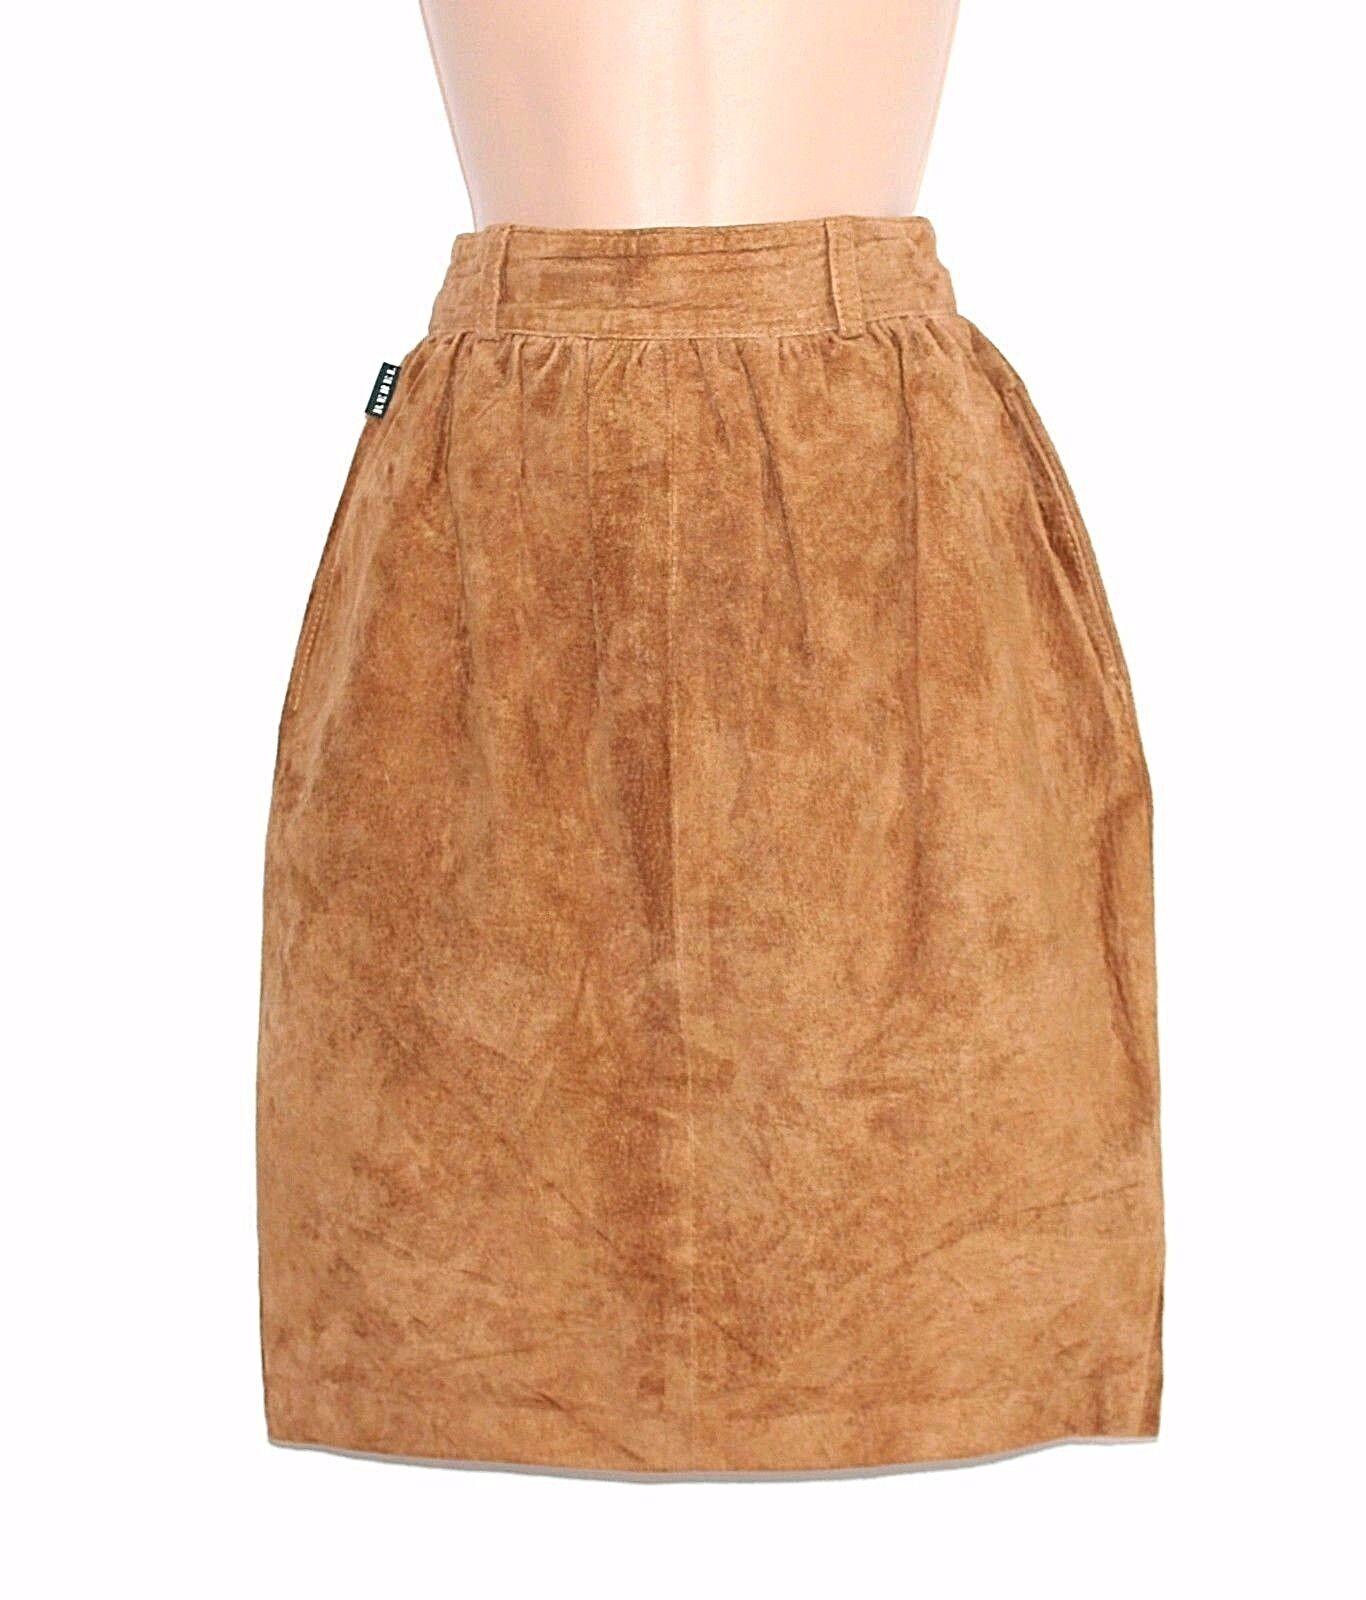 Women's Vintage REBEL High Waist Knee Brown 100% Leather Suede Skirt UK4 UK6